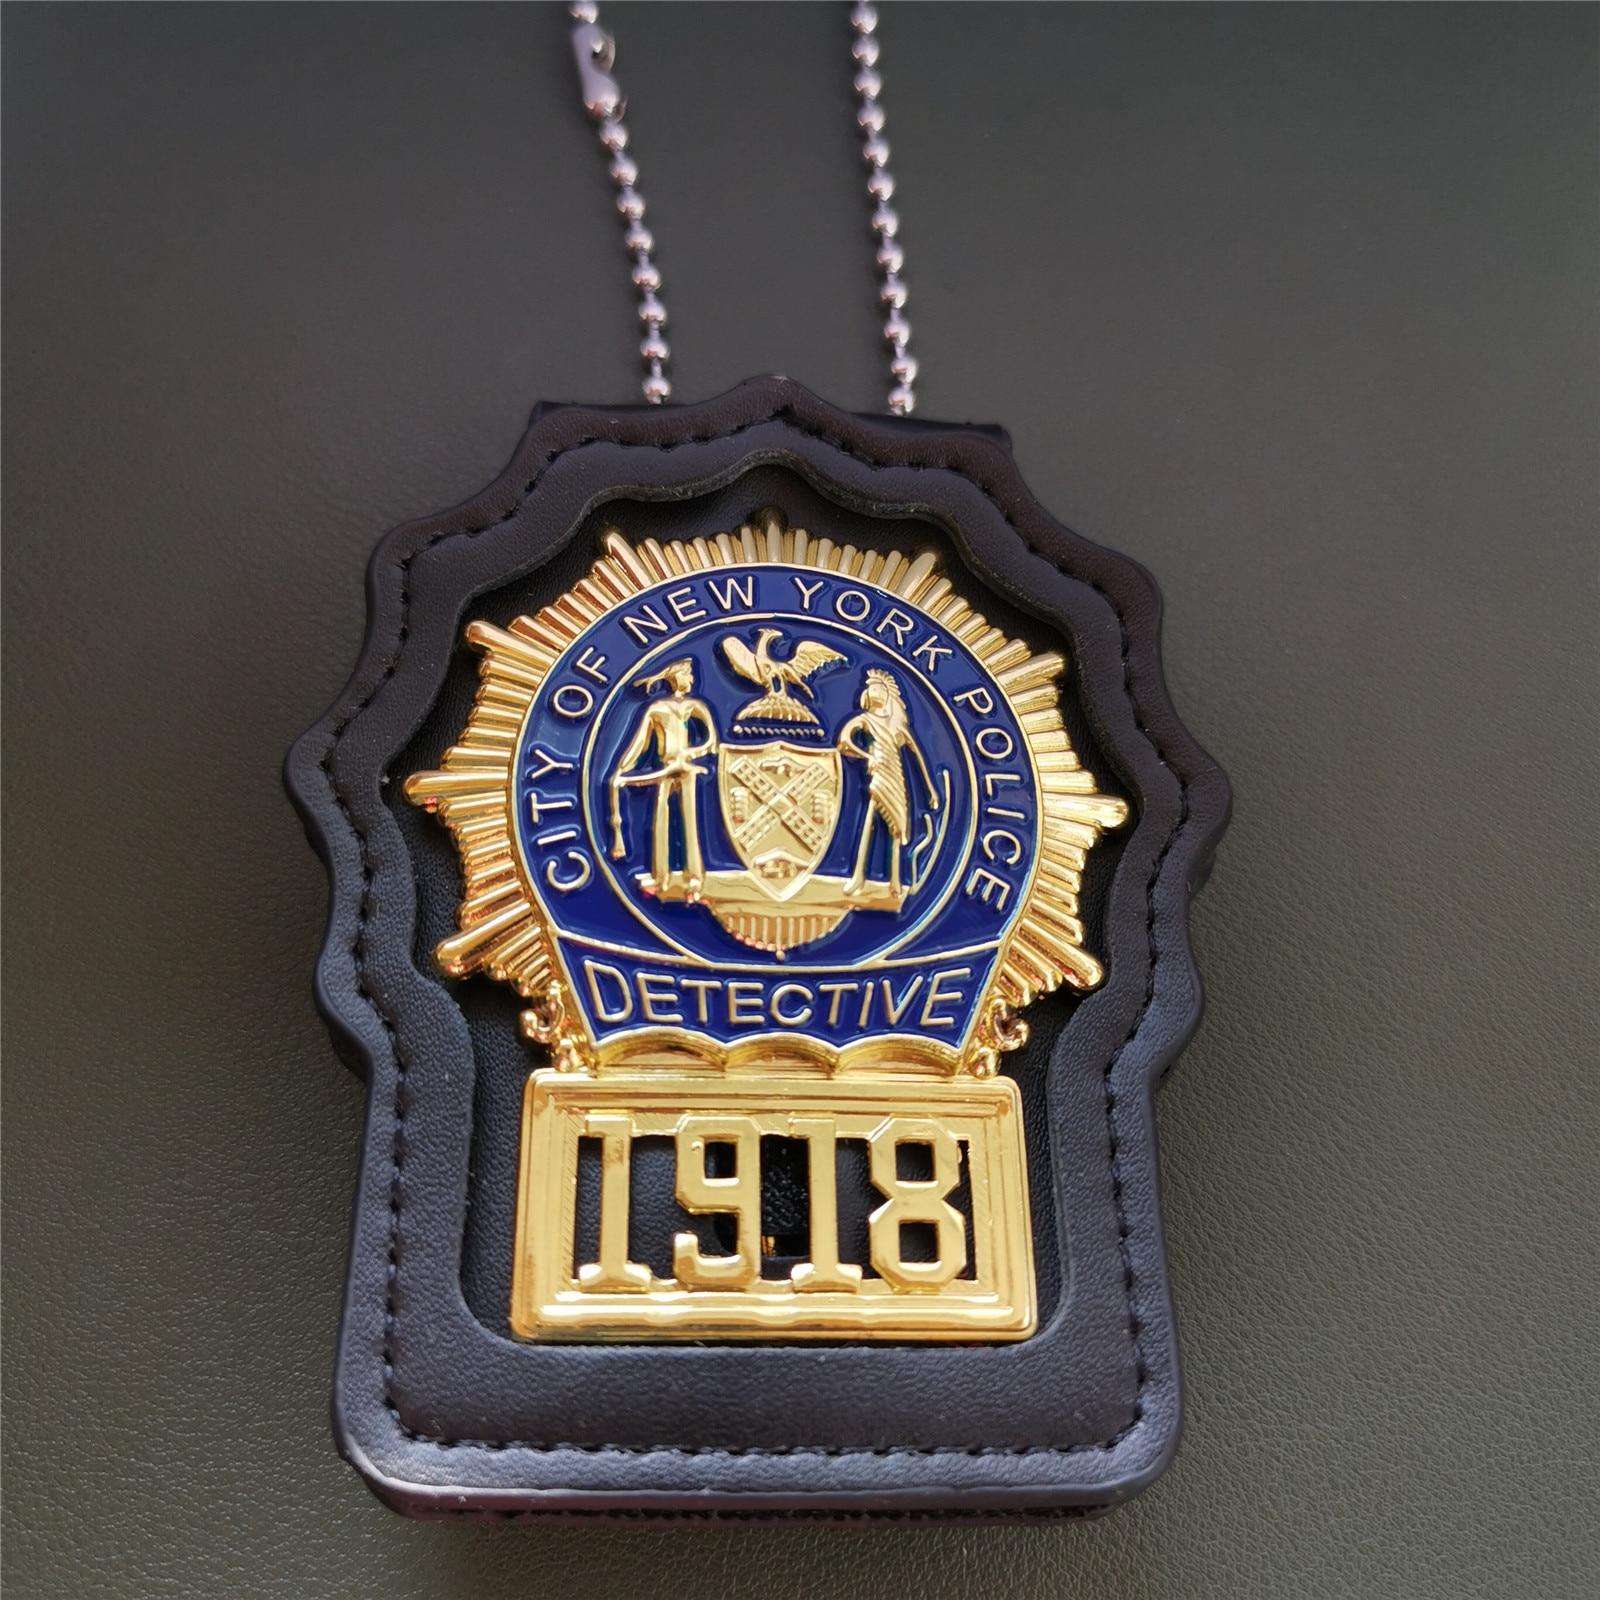 Значок-детектива-Нью-Йорка-США-серийный-1918-реквизит-коллекция-1-1